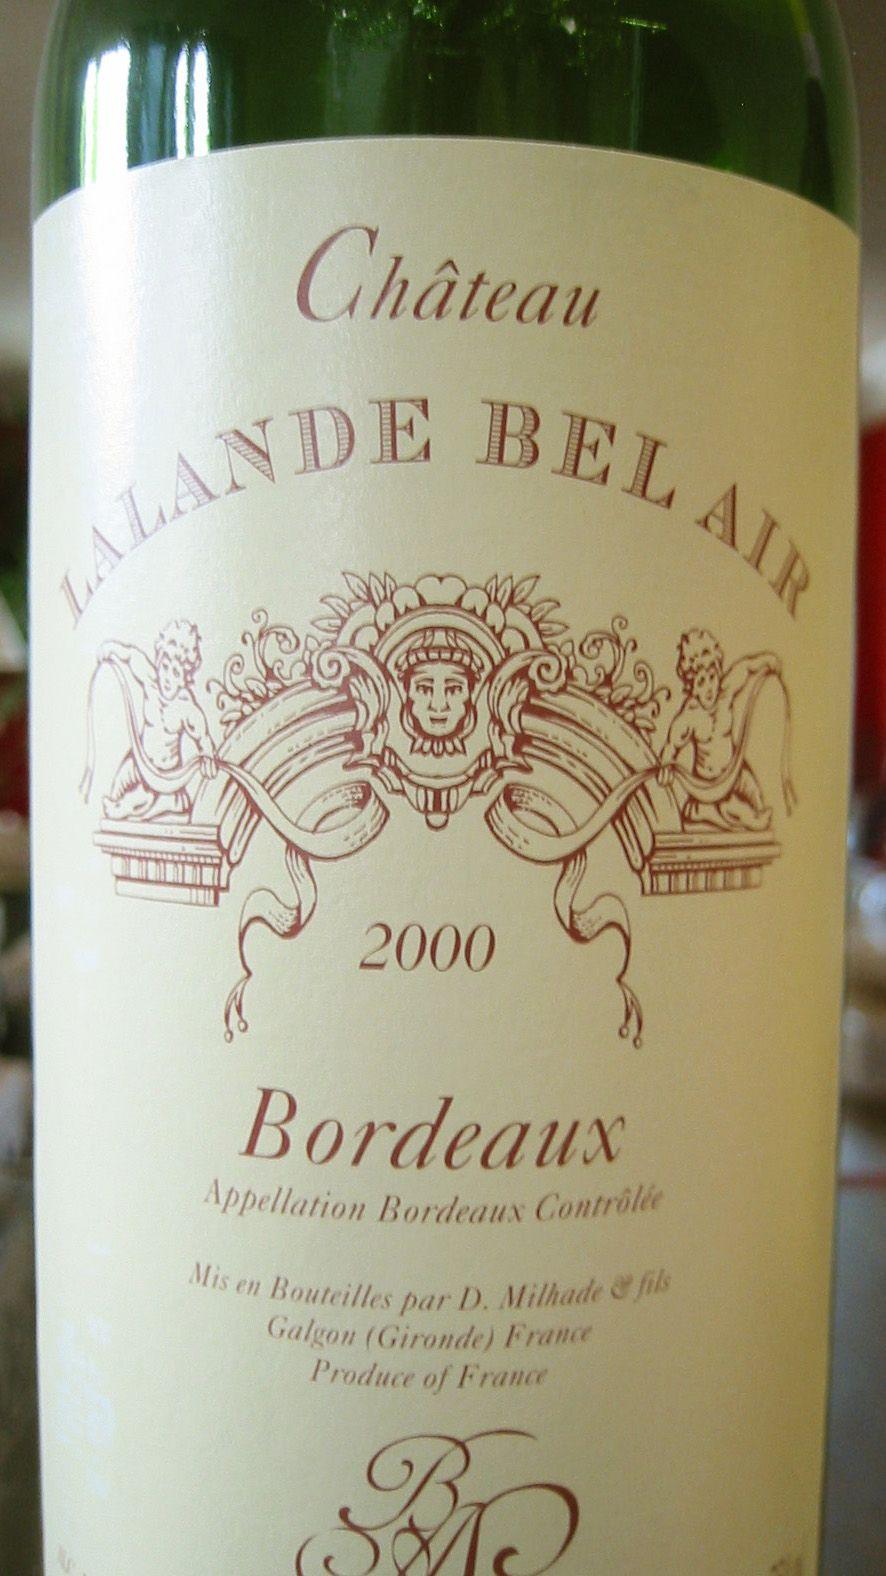 2000 Château Lalande Bel Air Bordeaux Wines, Wine, Wine